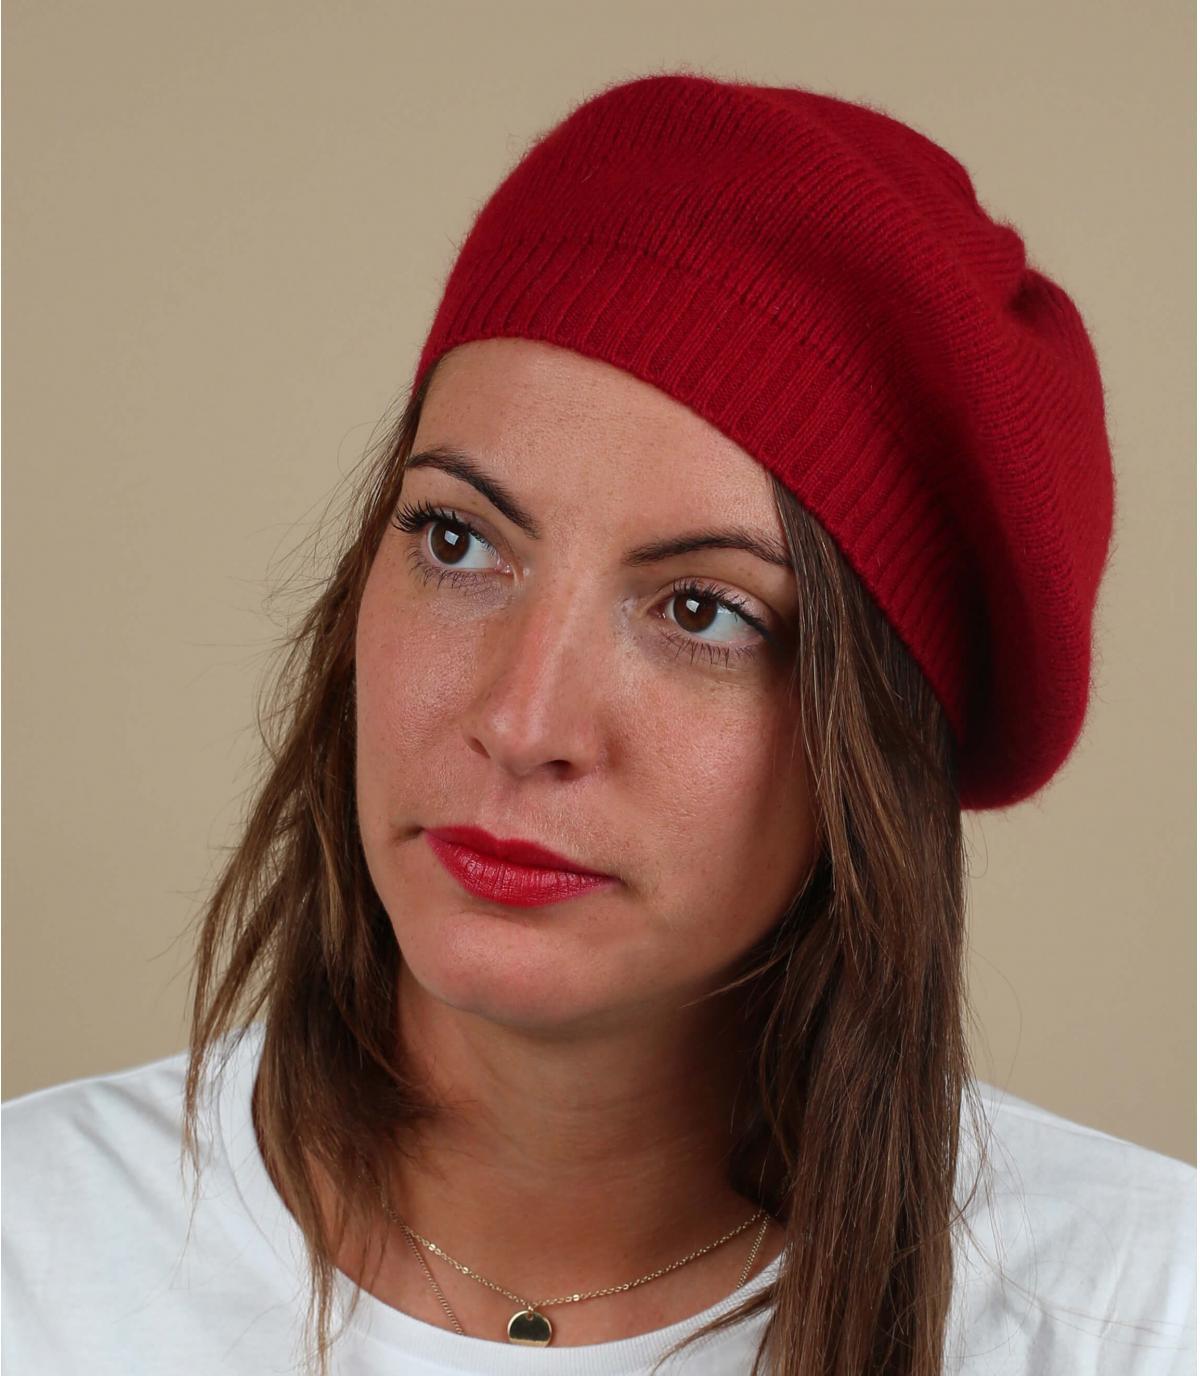 Baskische rode baretwol